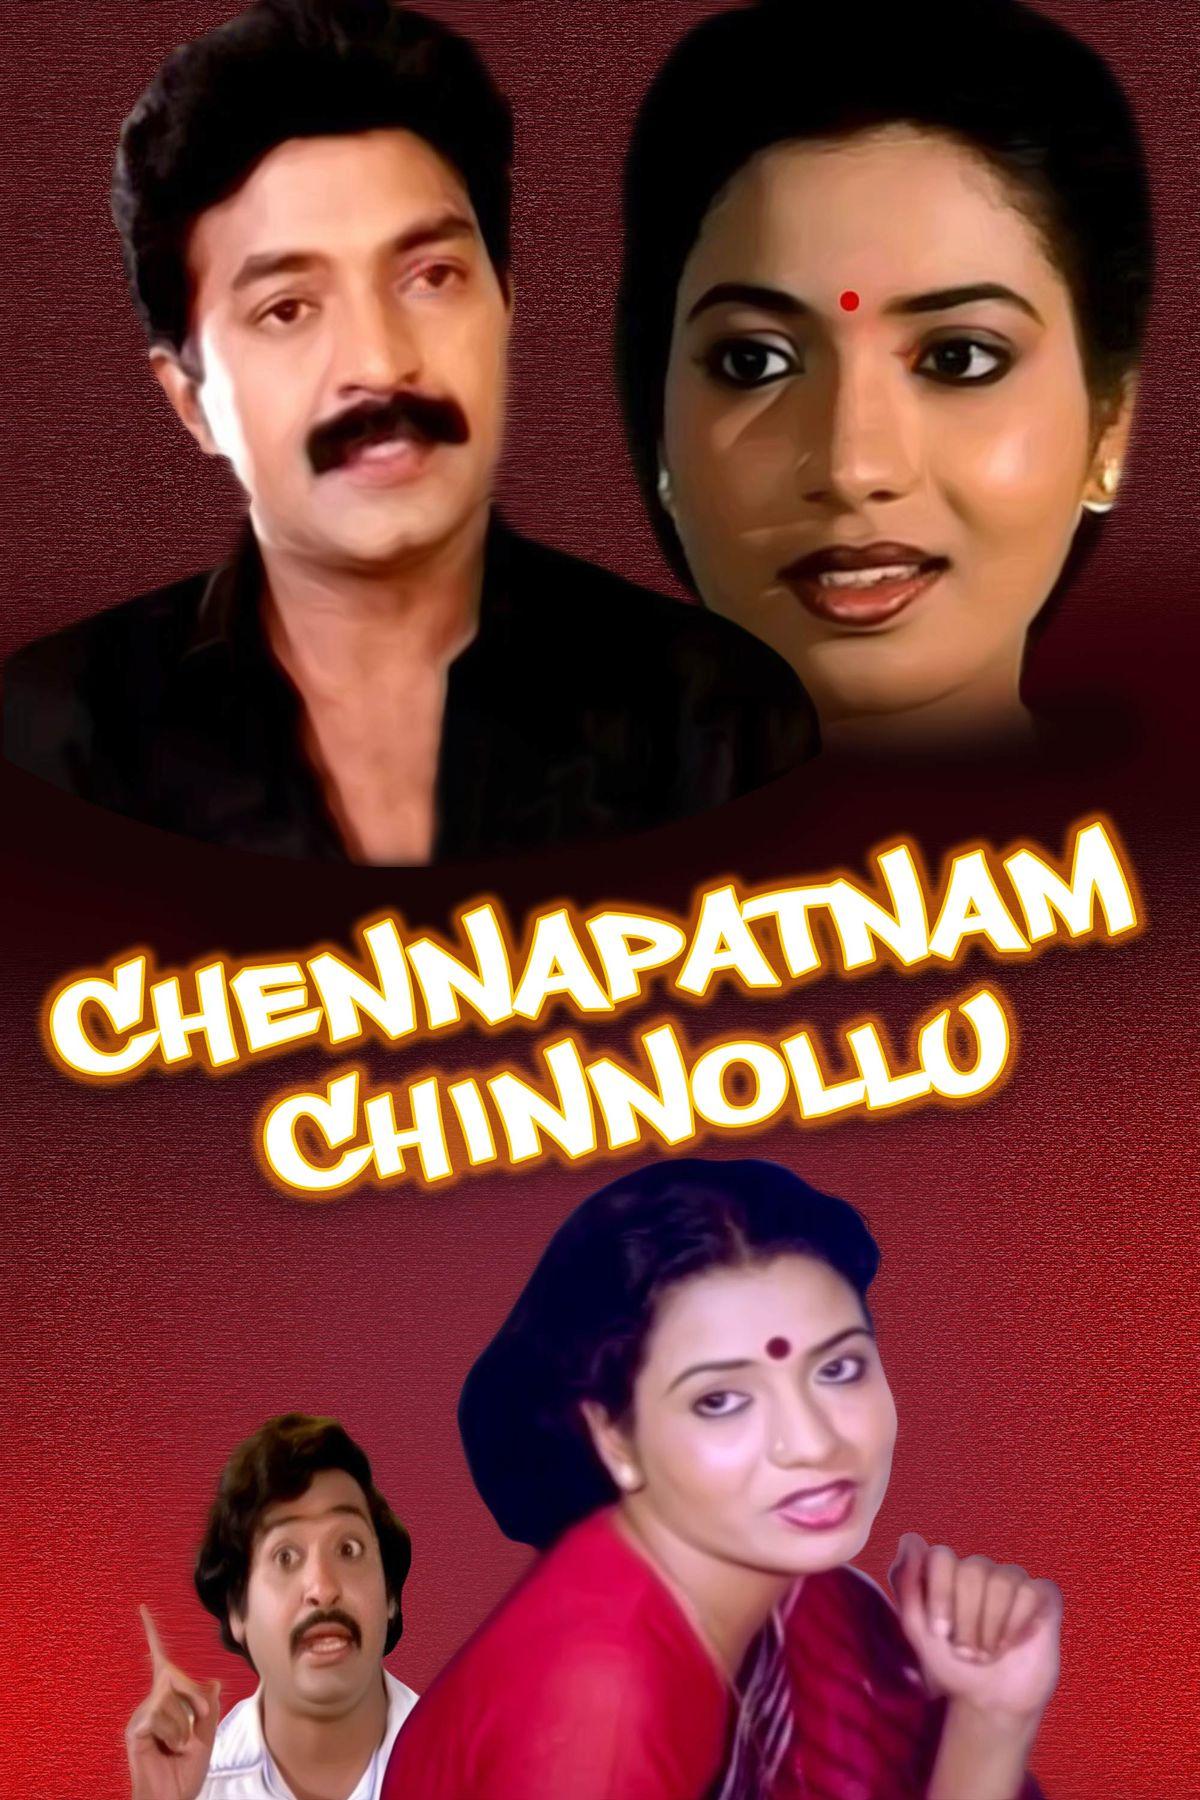 Chennapatnam Chinnollu